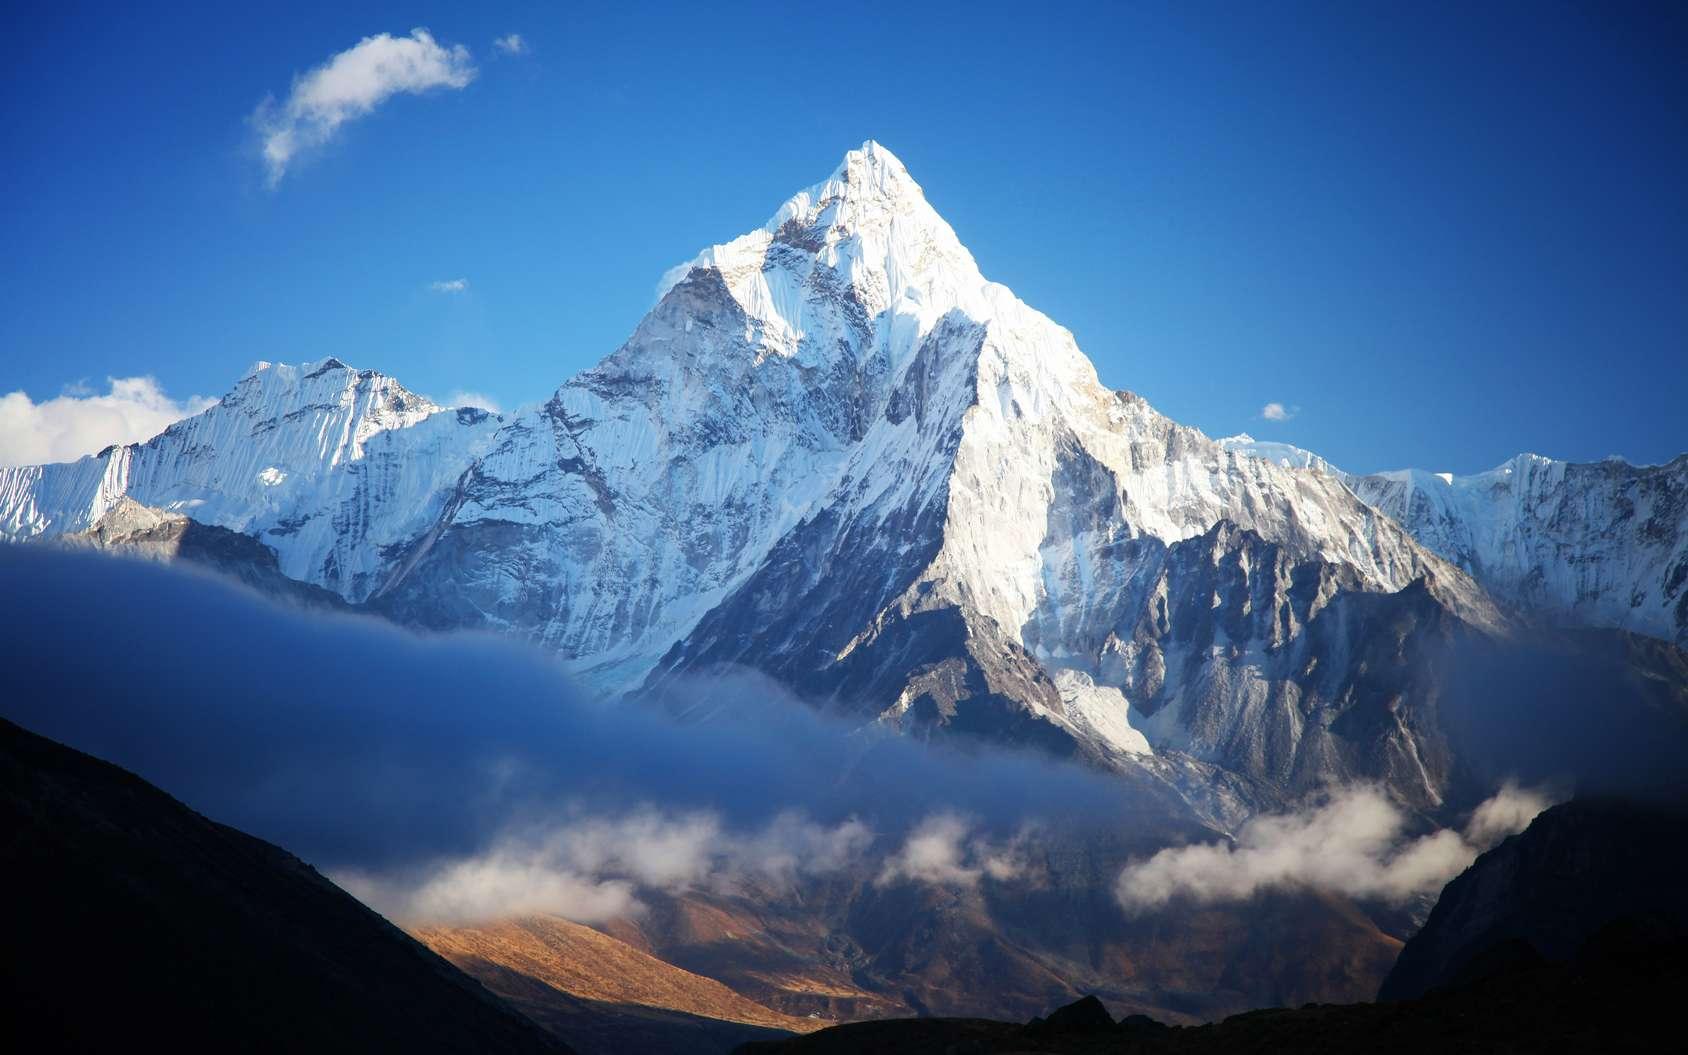 Le mont Everest, dans l'Himalaya, vu du camp de base (côté népalais). Sur le sommet le plus élevé de la Terre, qui culmine à 8.848 m, la pression atmosphérique est environ le tiers de celle au niveau de la mer. Un même volume d'air contient trois fois moins de molécules. © Tarik GOK, fotolia